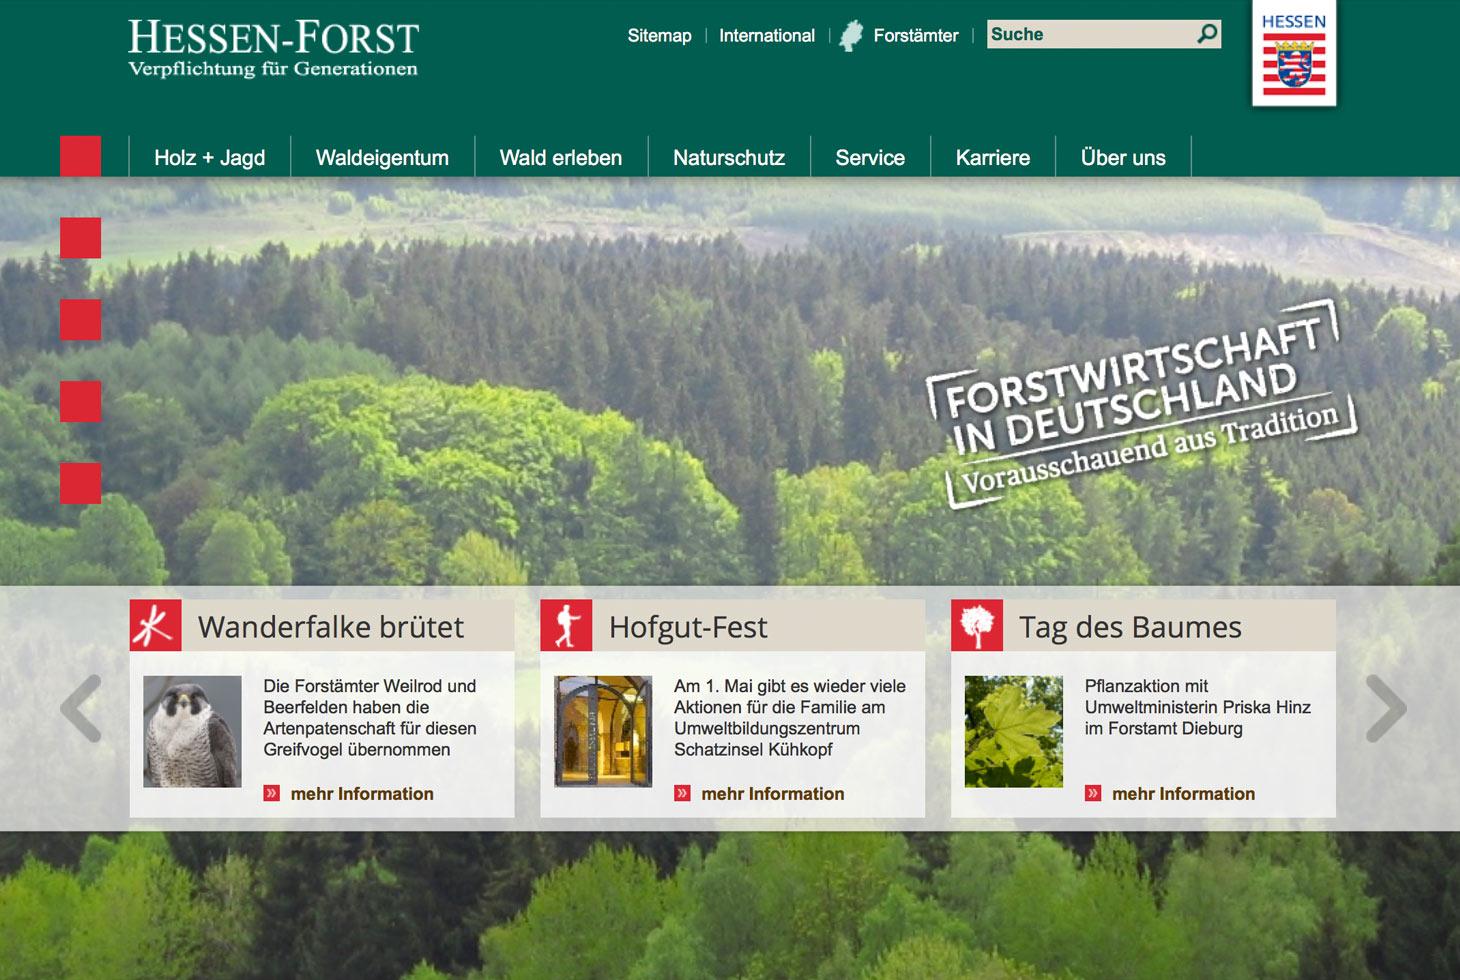 Hessen-Forst